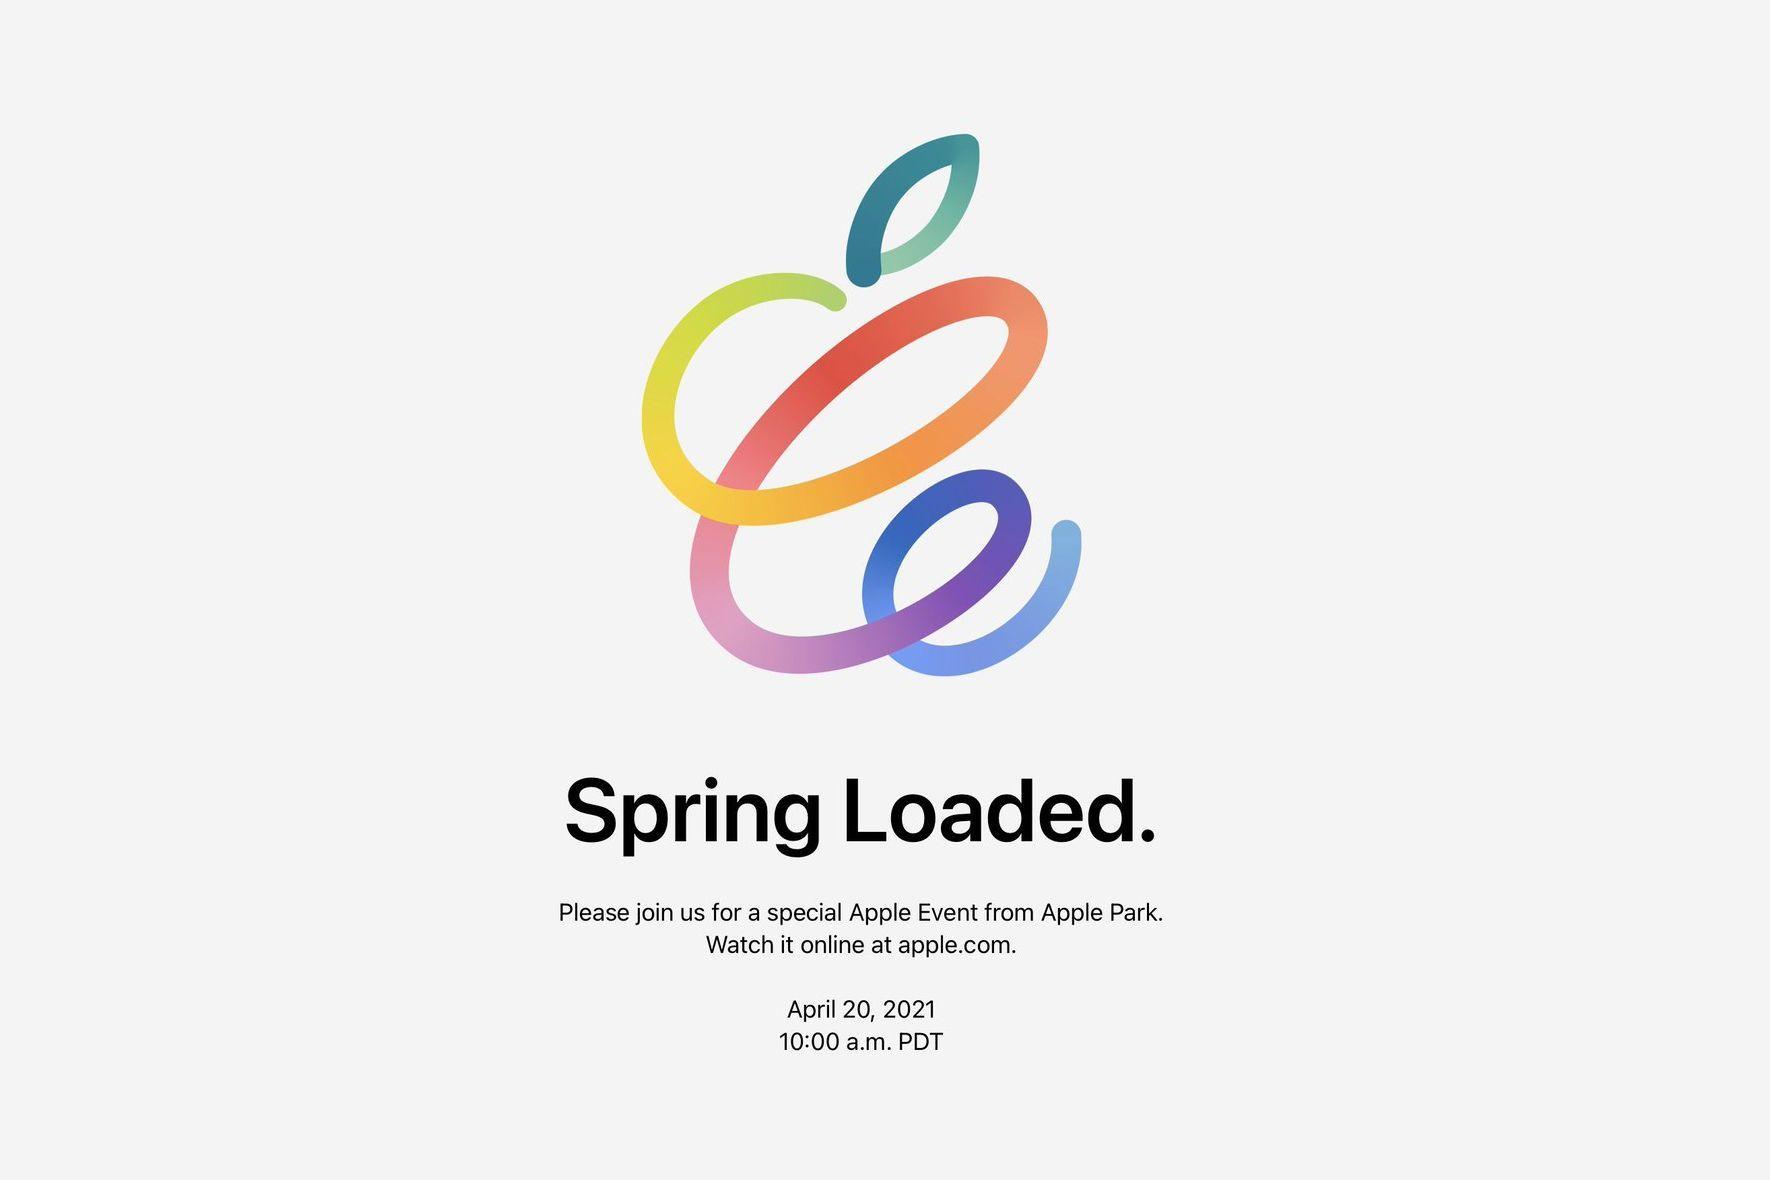 苹果官宣:4月21日凌晨1点举办春季发布会